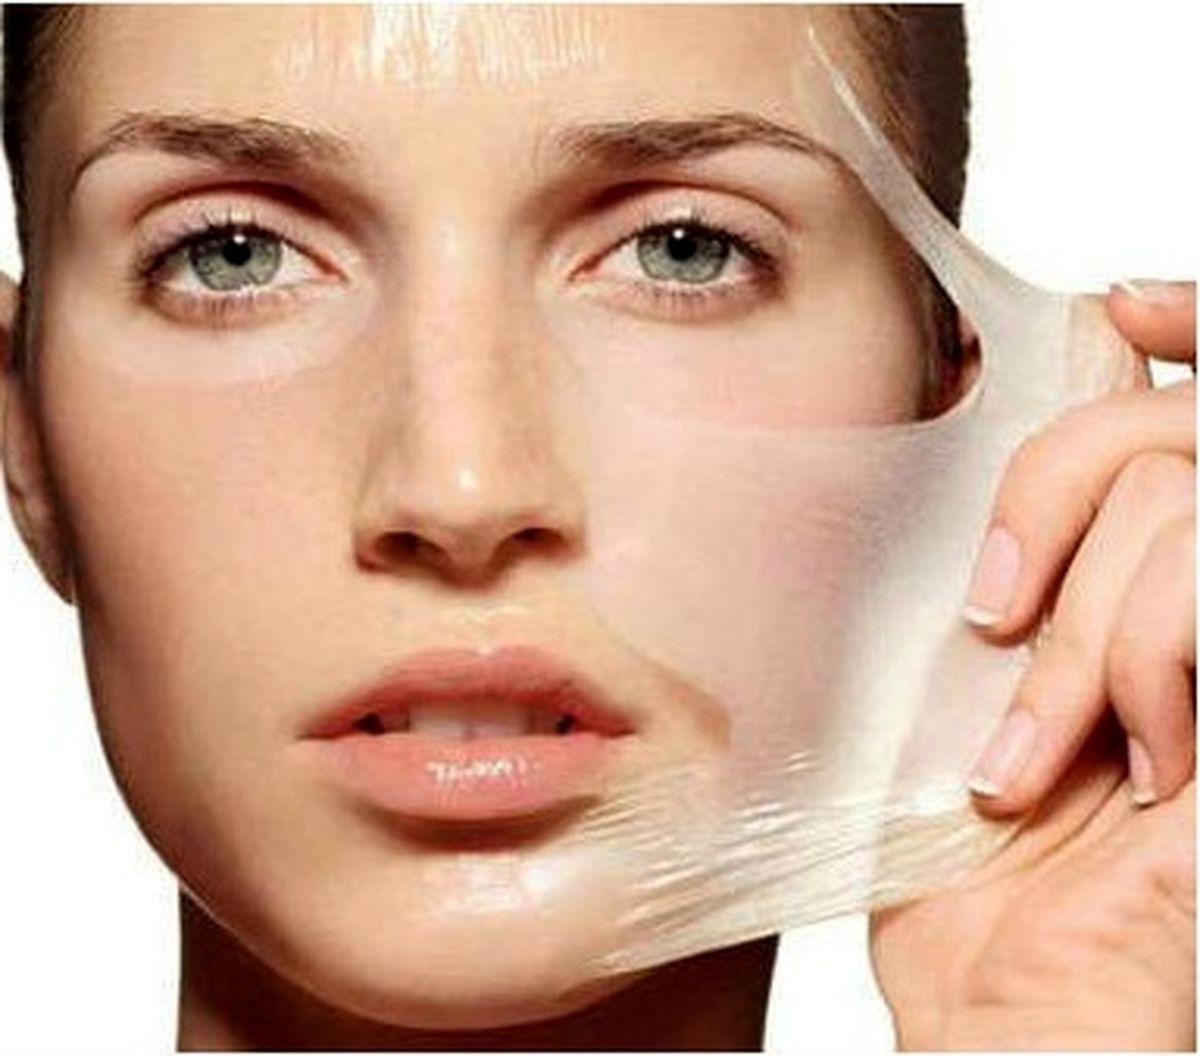 پوست های چربمان را چگونه پاکسازی کنیم ؟